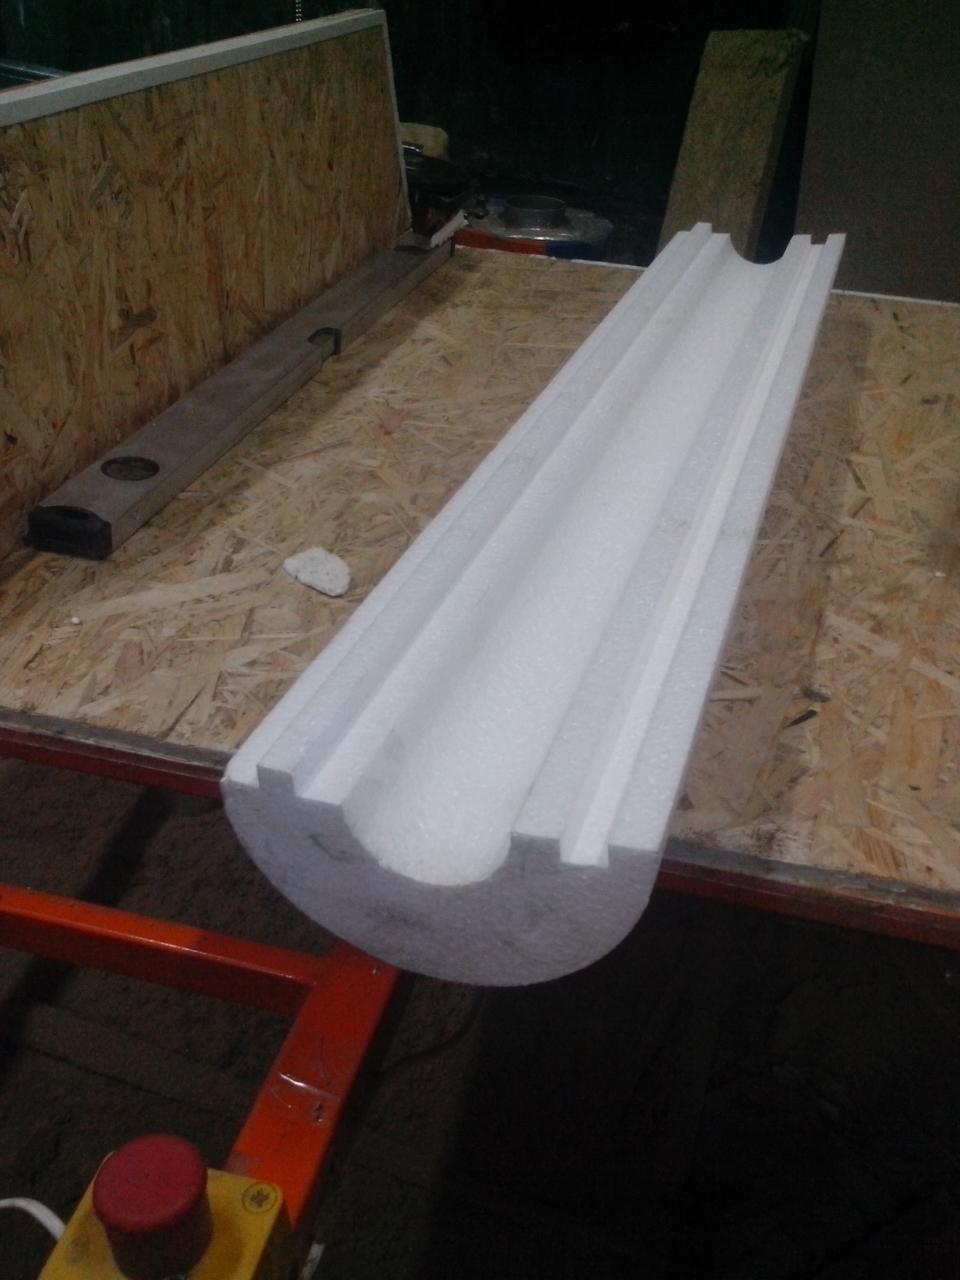 Утеплитель из пенопласта (пенополистирола) для труб Ø 45 мм толщиной 50 мм